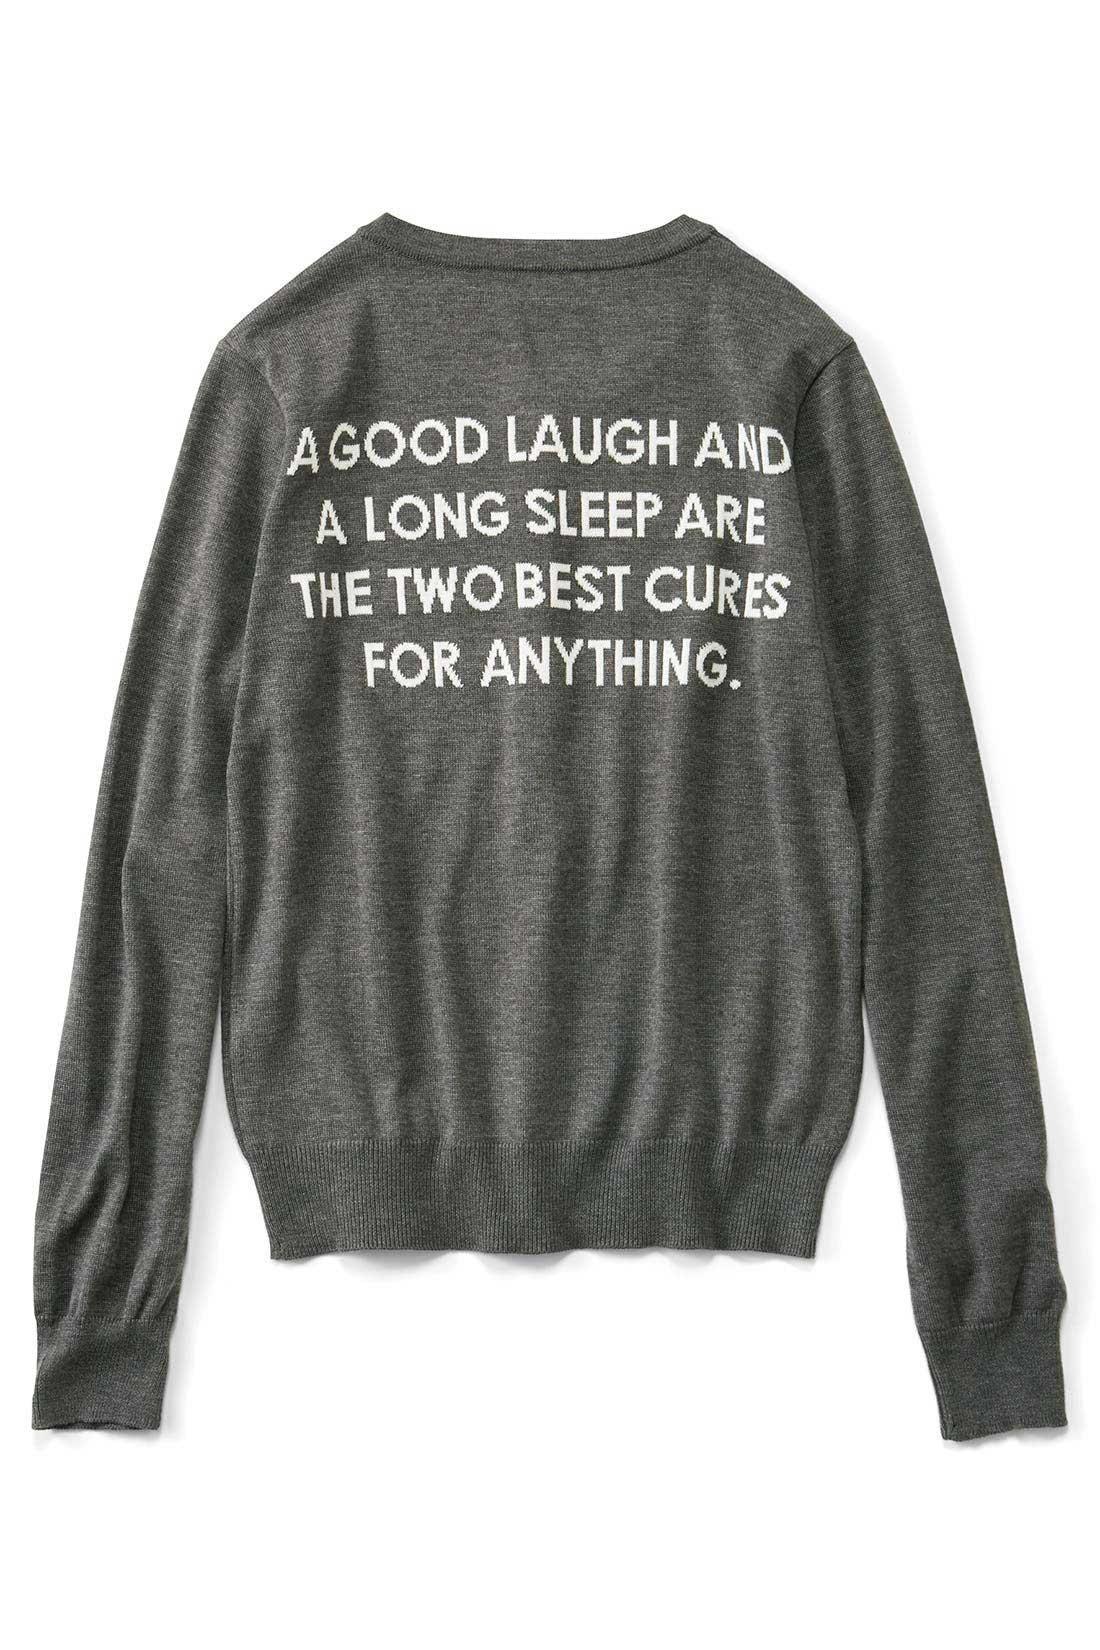 BACK 【たくさん笑う、そしてたっぷり睡眠をとる。このふたつが最高の薬。】 プリントじゃなくてインターシャジャカードという技法で文字を編み込んでいるの。